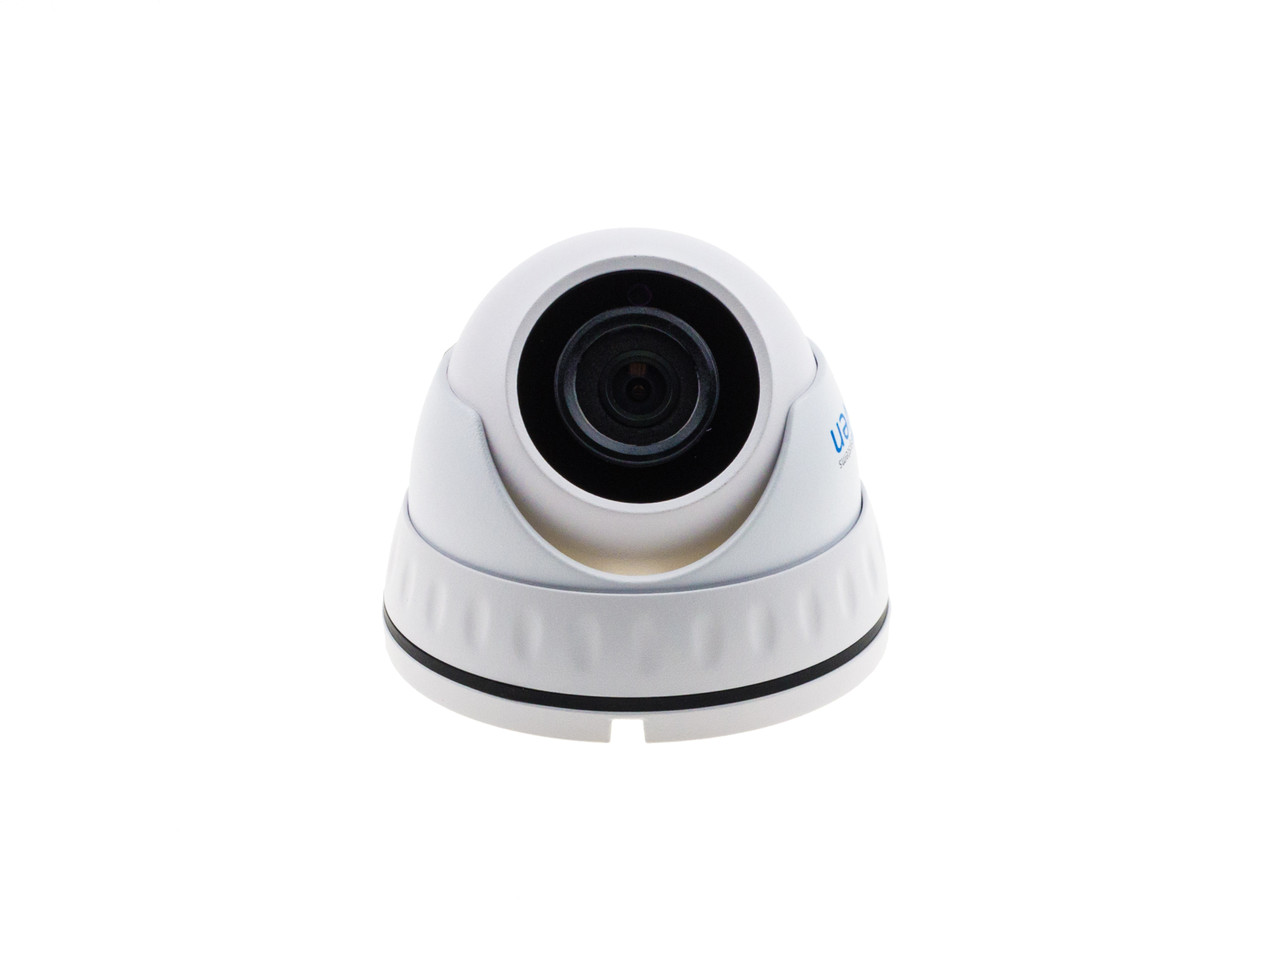 IP видеокамера 3 Мп уличная/внутренняя SEVEN IP-7212PA white (2,8)